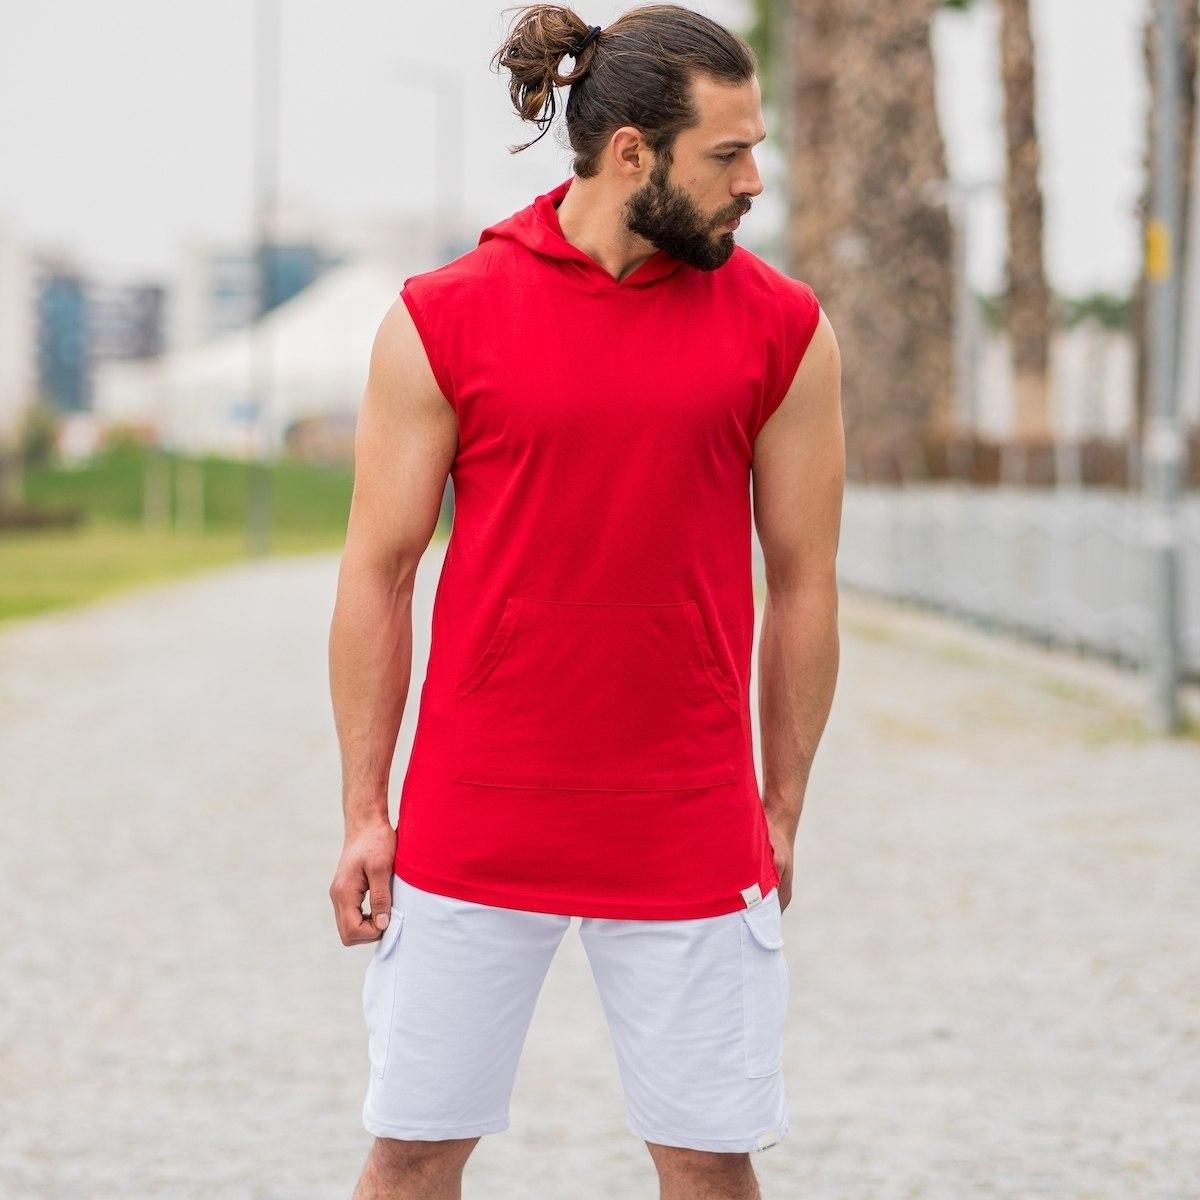 Men's Sleeveless Hoodie In Red